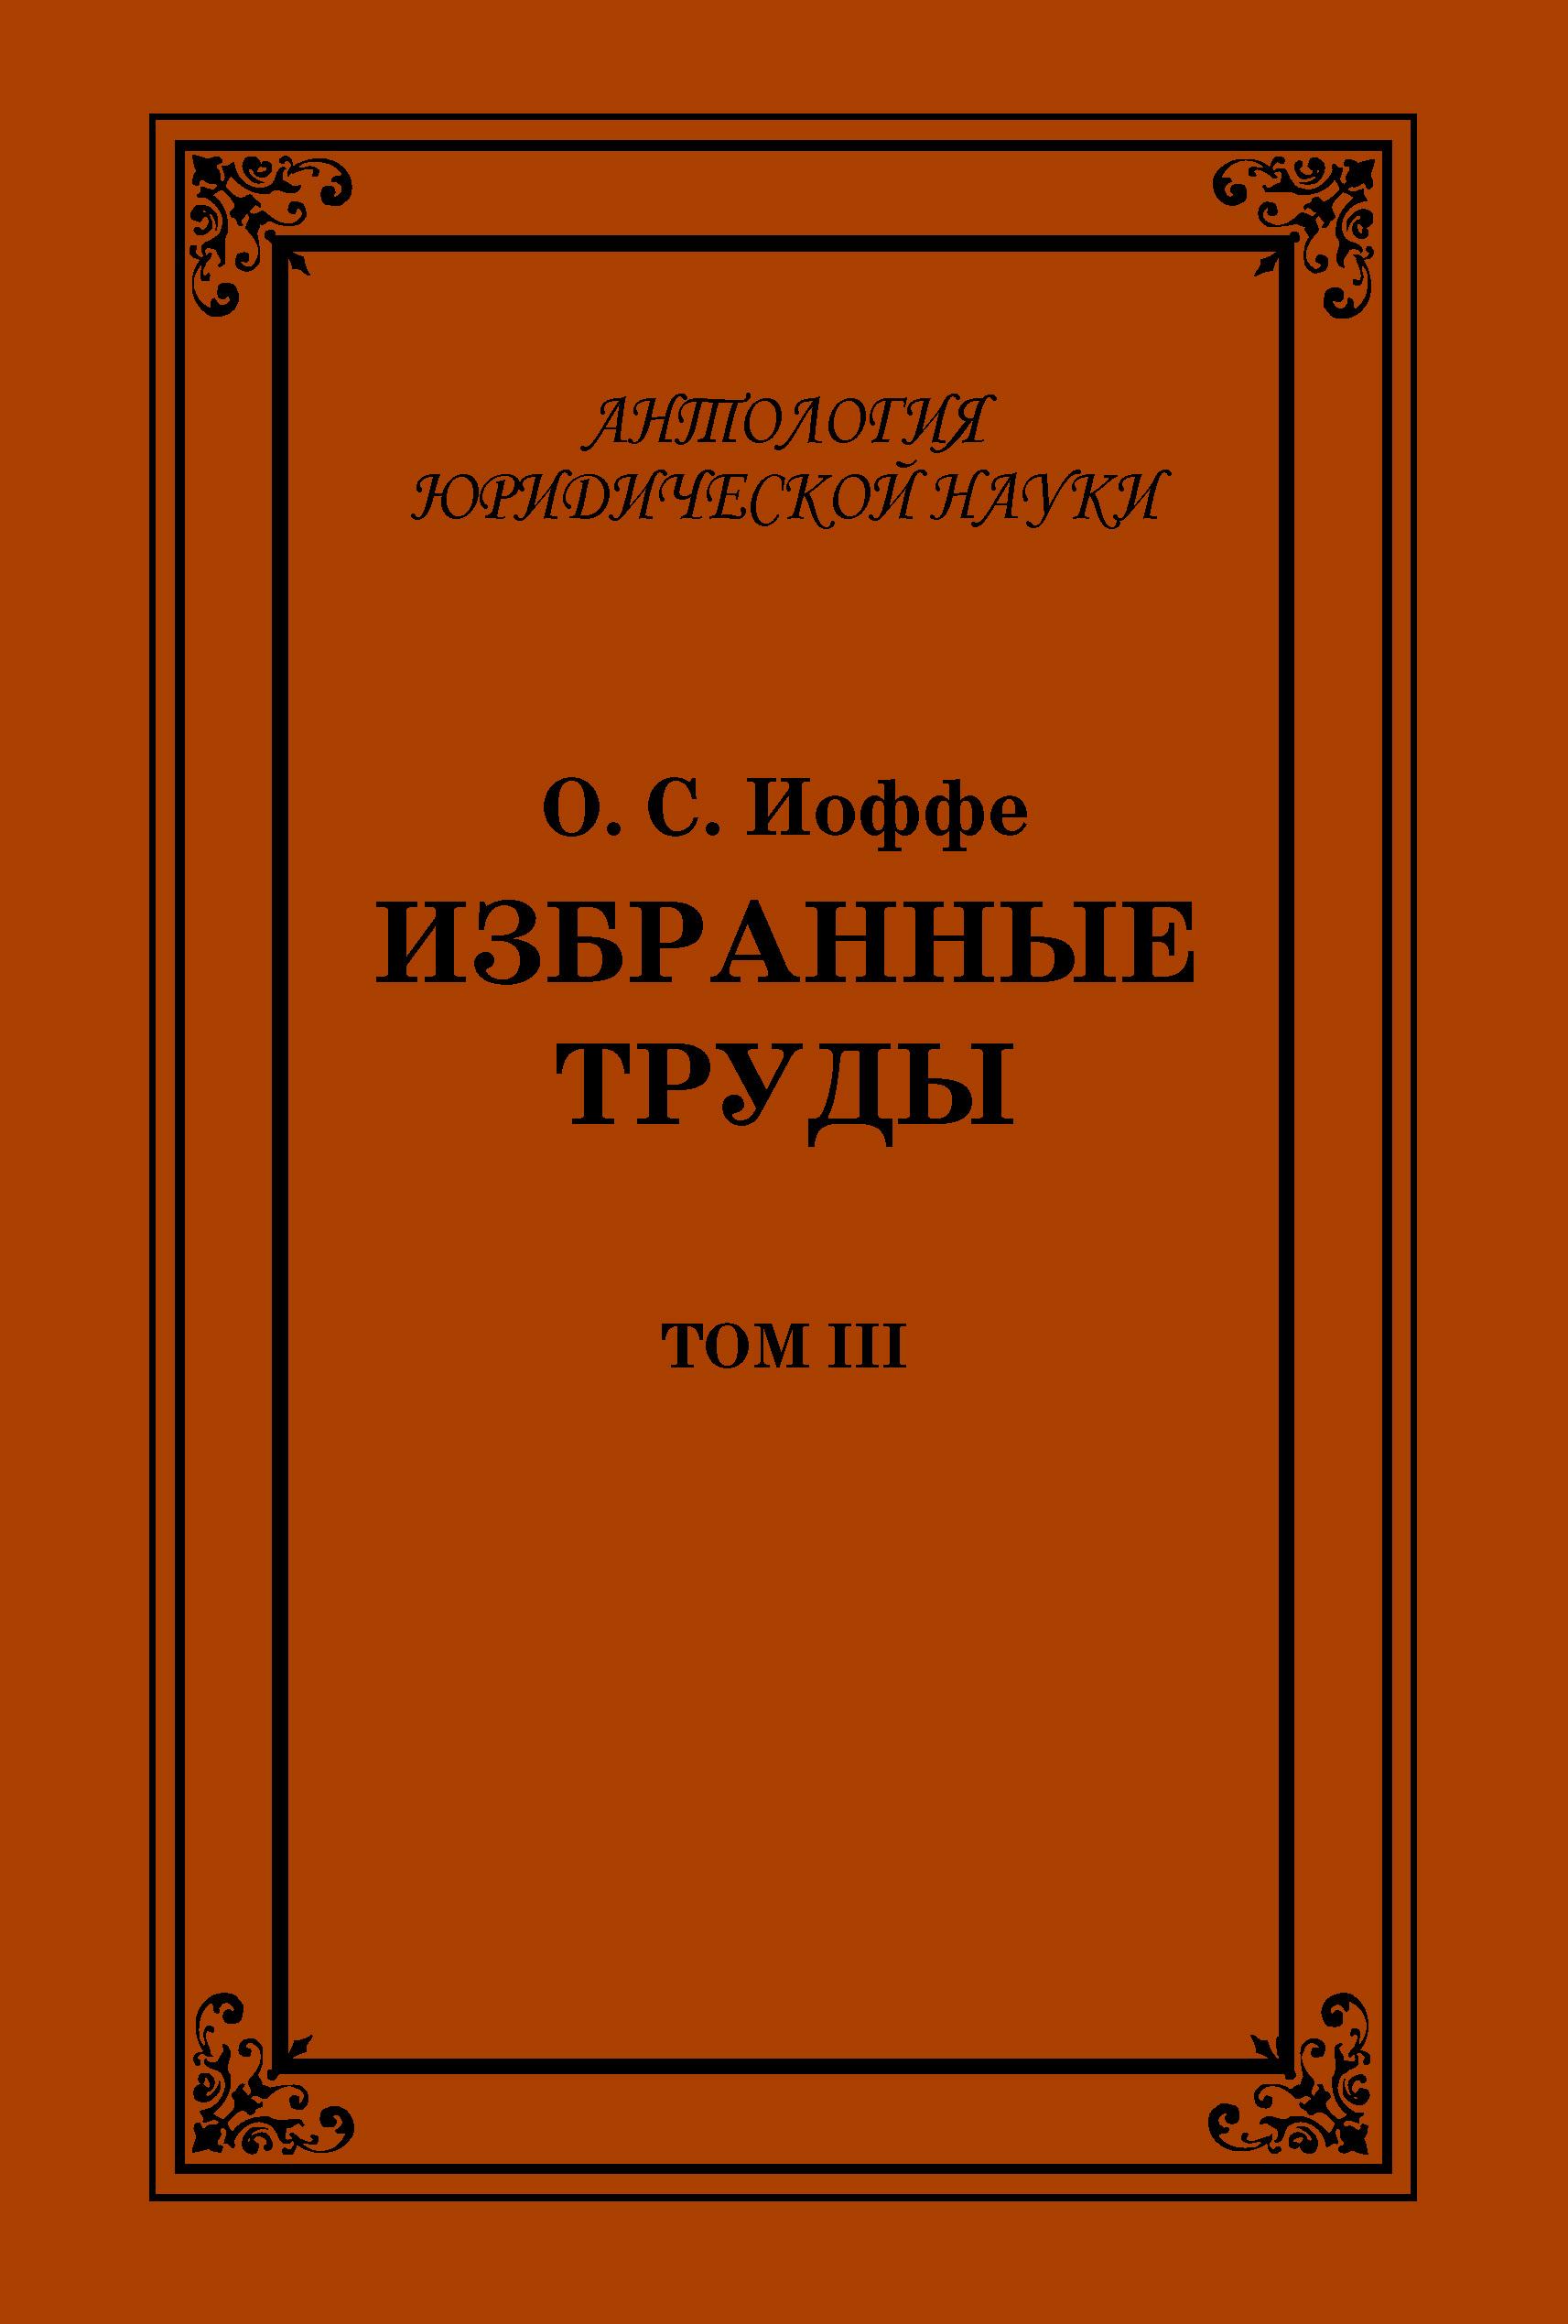 Олимпиад Иоффе Избранные труды. Том III а ф иоффе а ф иоффе избранные труды комплект из 2 книг